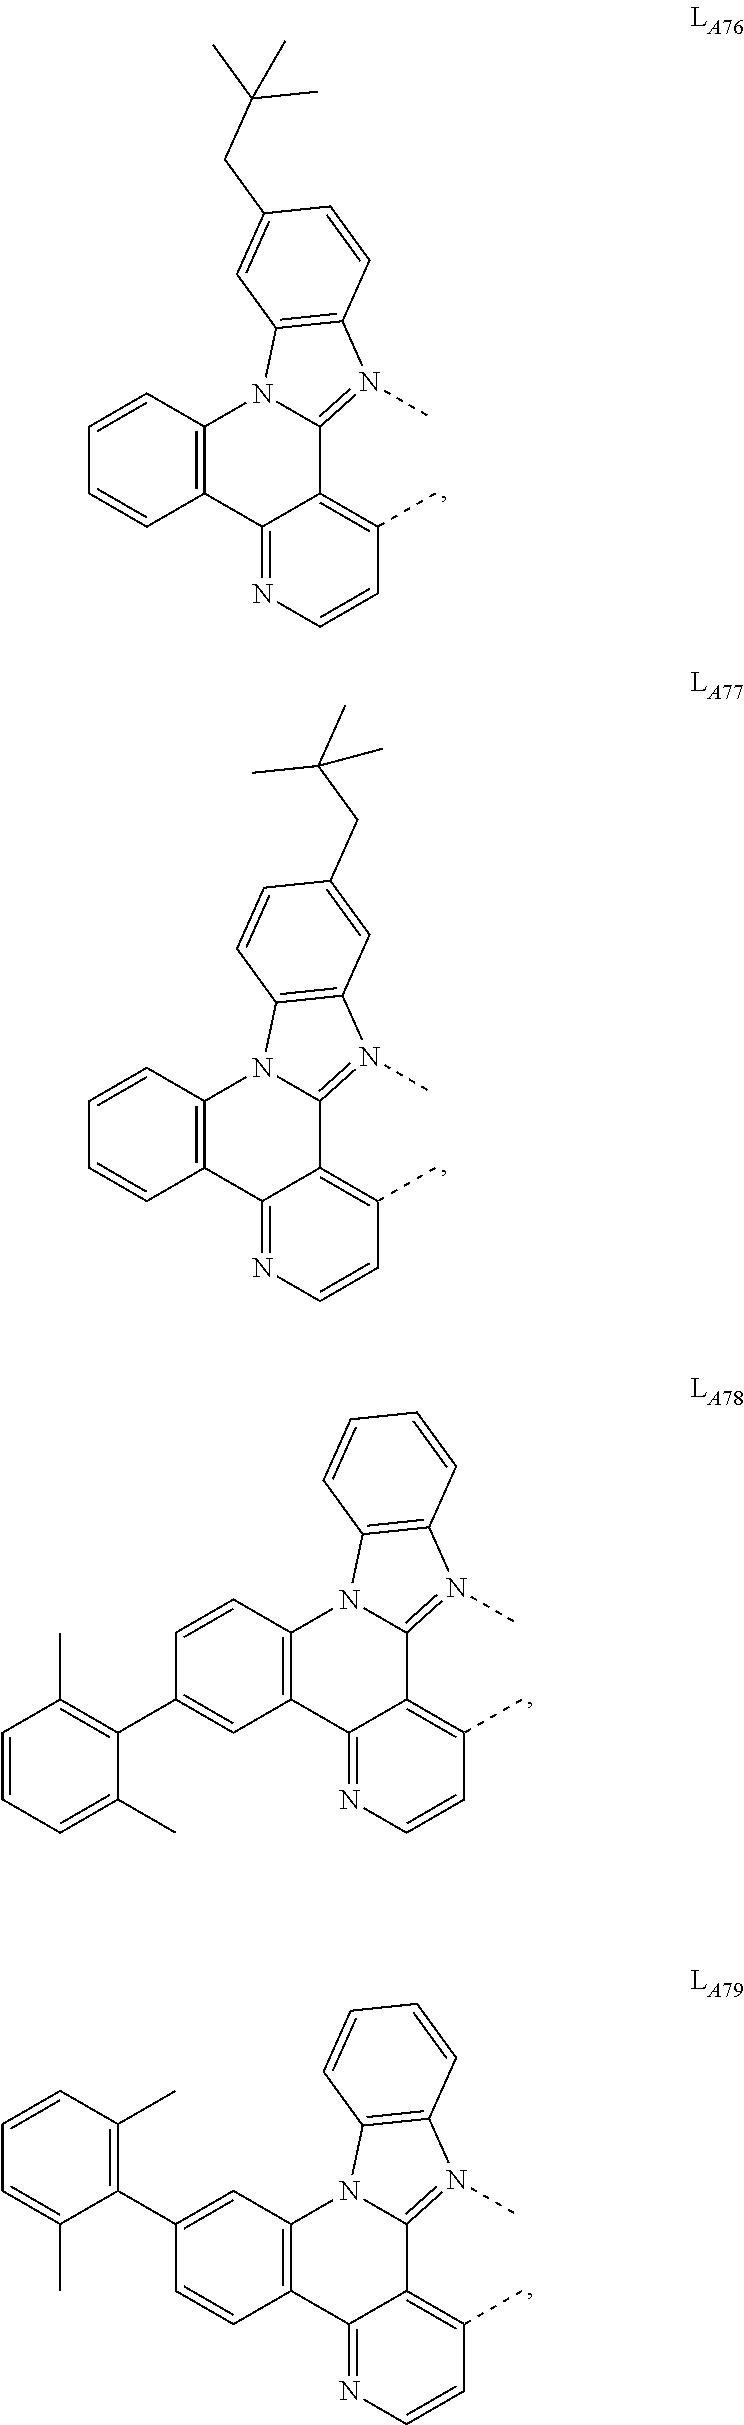 Figure US09905785-20180227-C00042